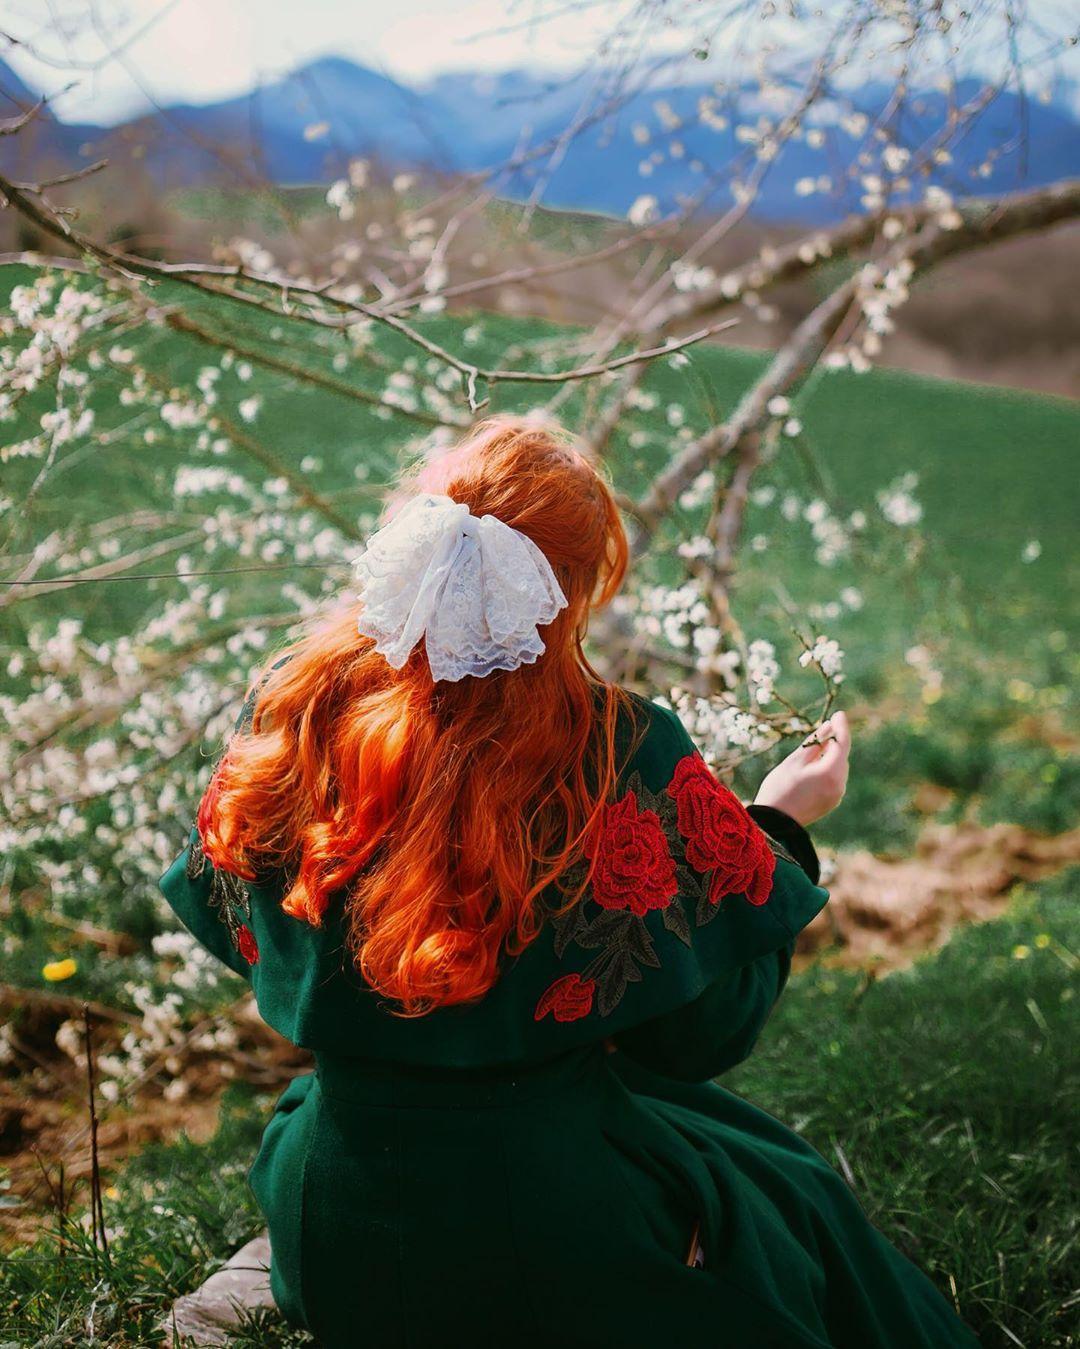 Cô gái tóc đỏ cài nơ ren trắng phong cách thời trang Cottagecore